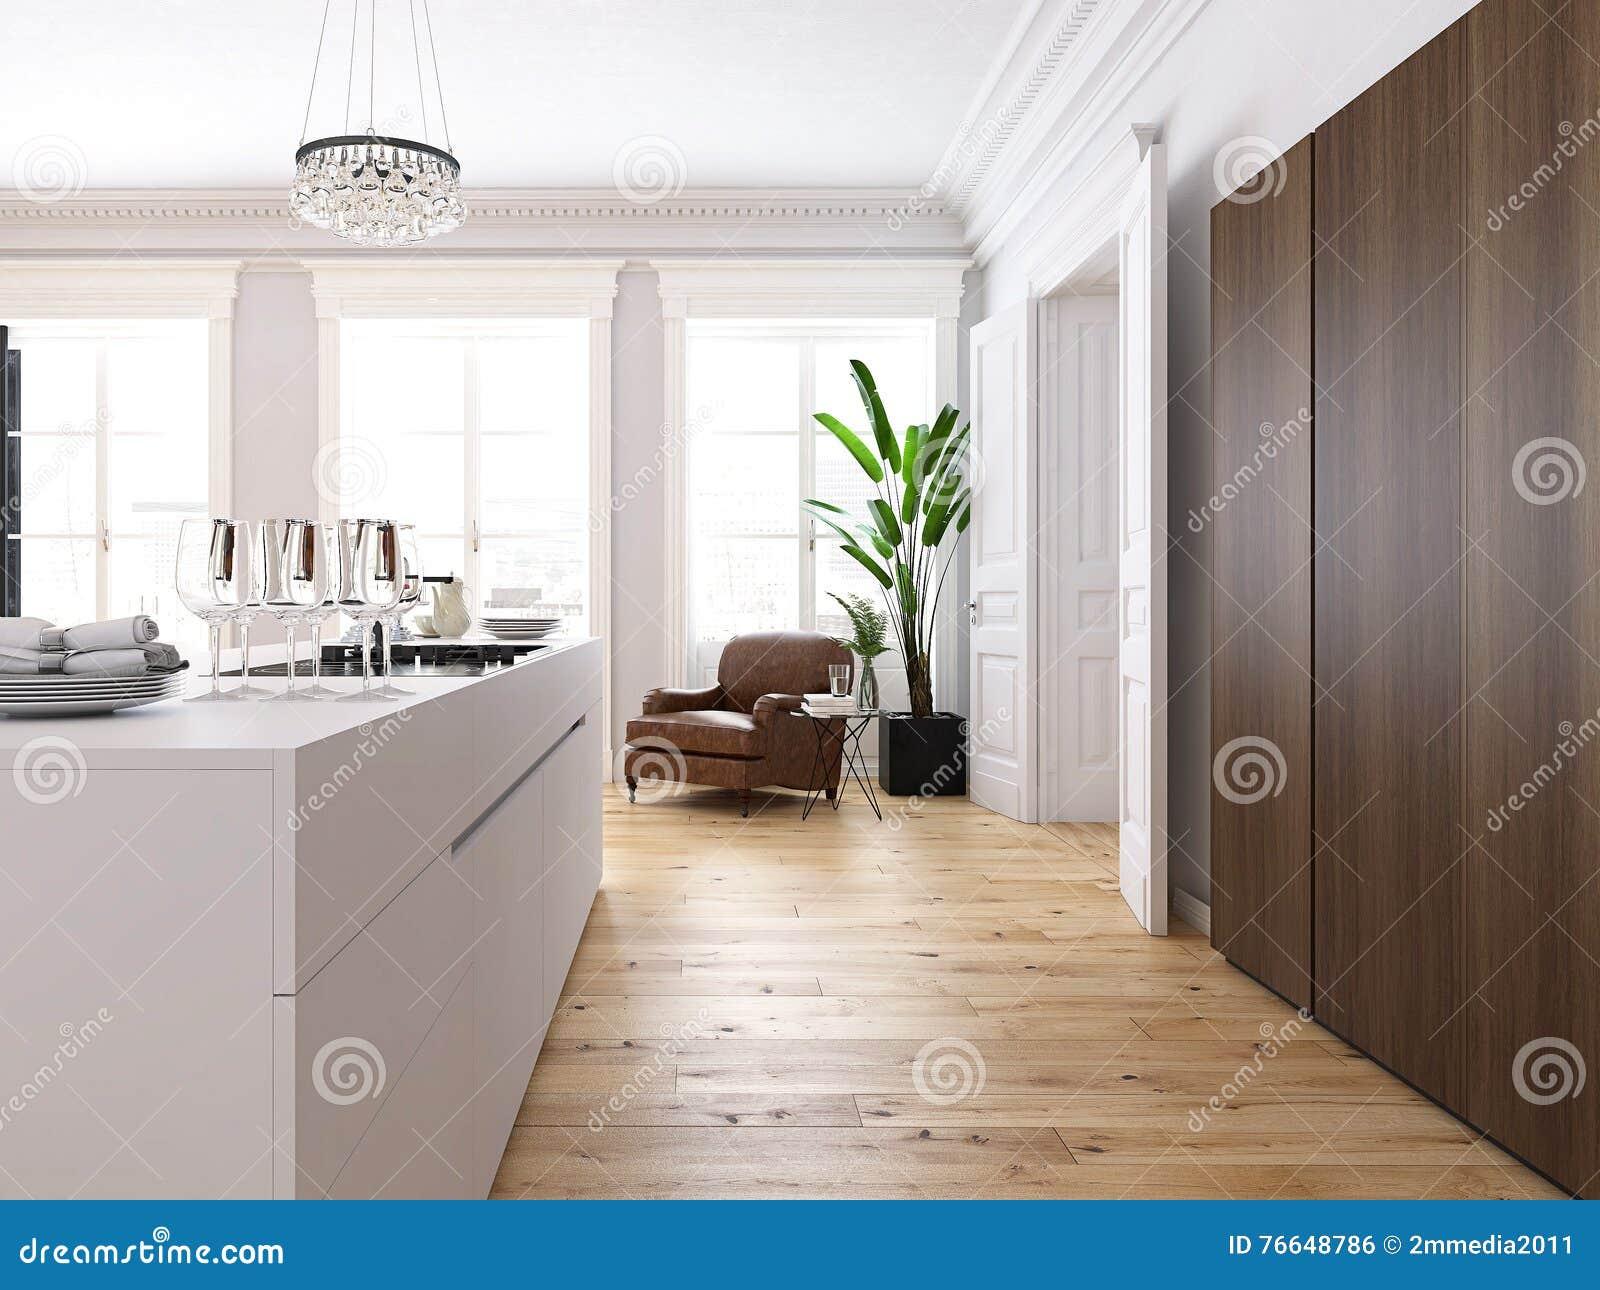 Woonkamer Op Zolder : Moderne zolder met een keuken en woonkamer het d teruggeven stock